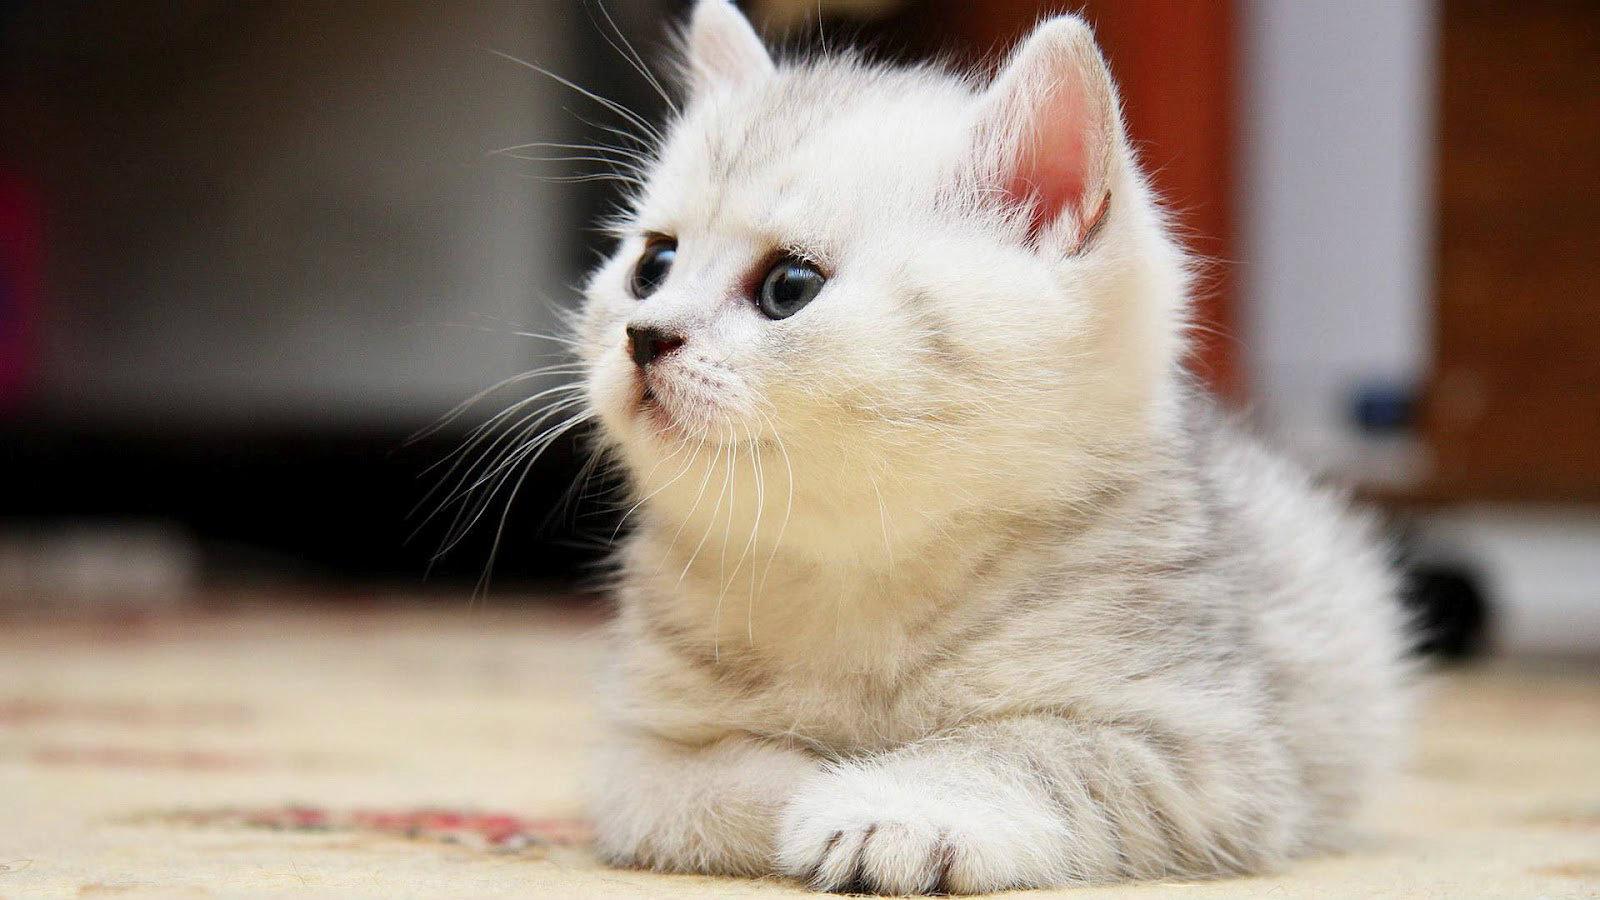 صورة صور قطط كيوت , اجمل صور القطط